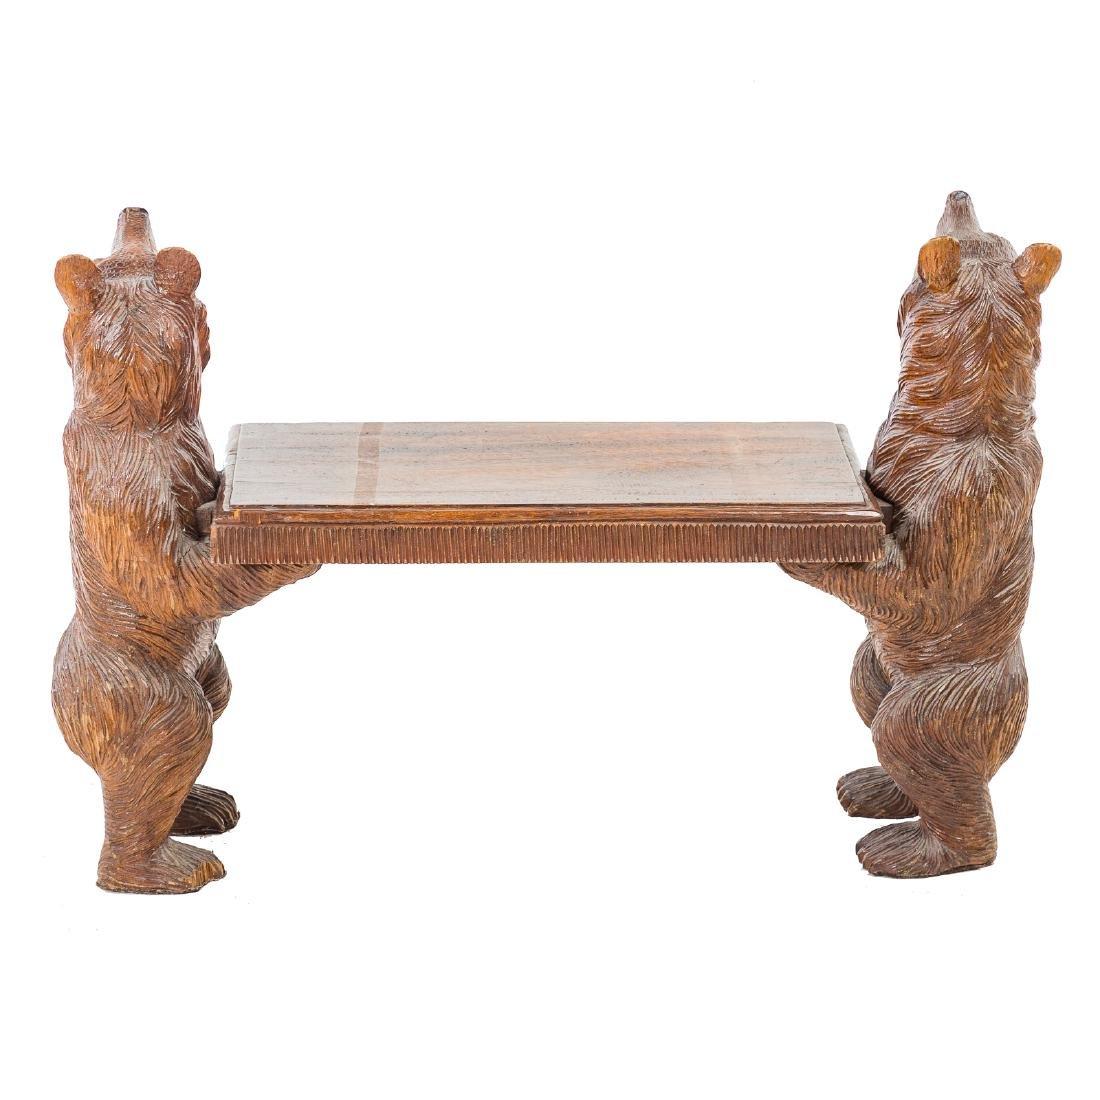 Black Forest carved wood bench - 4